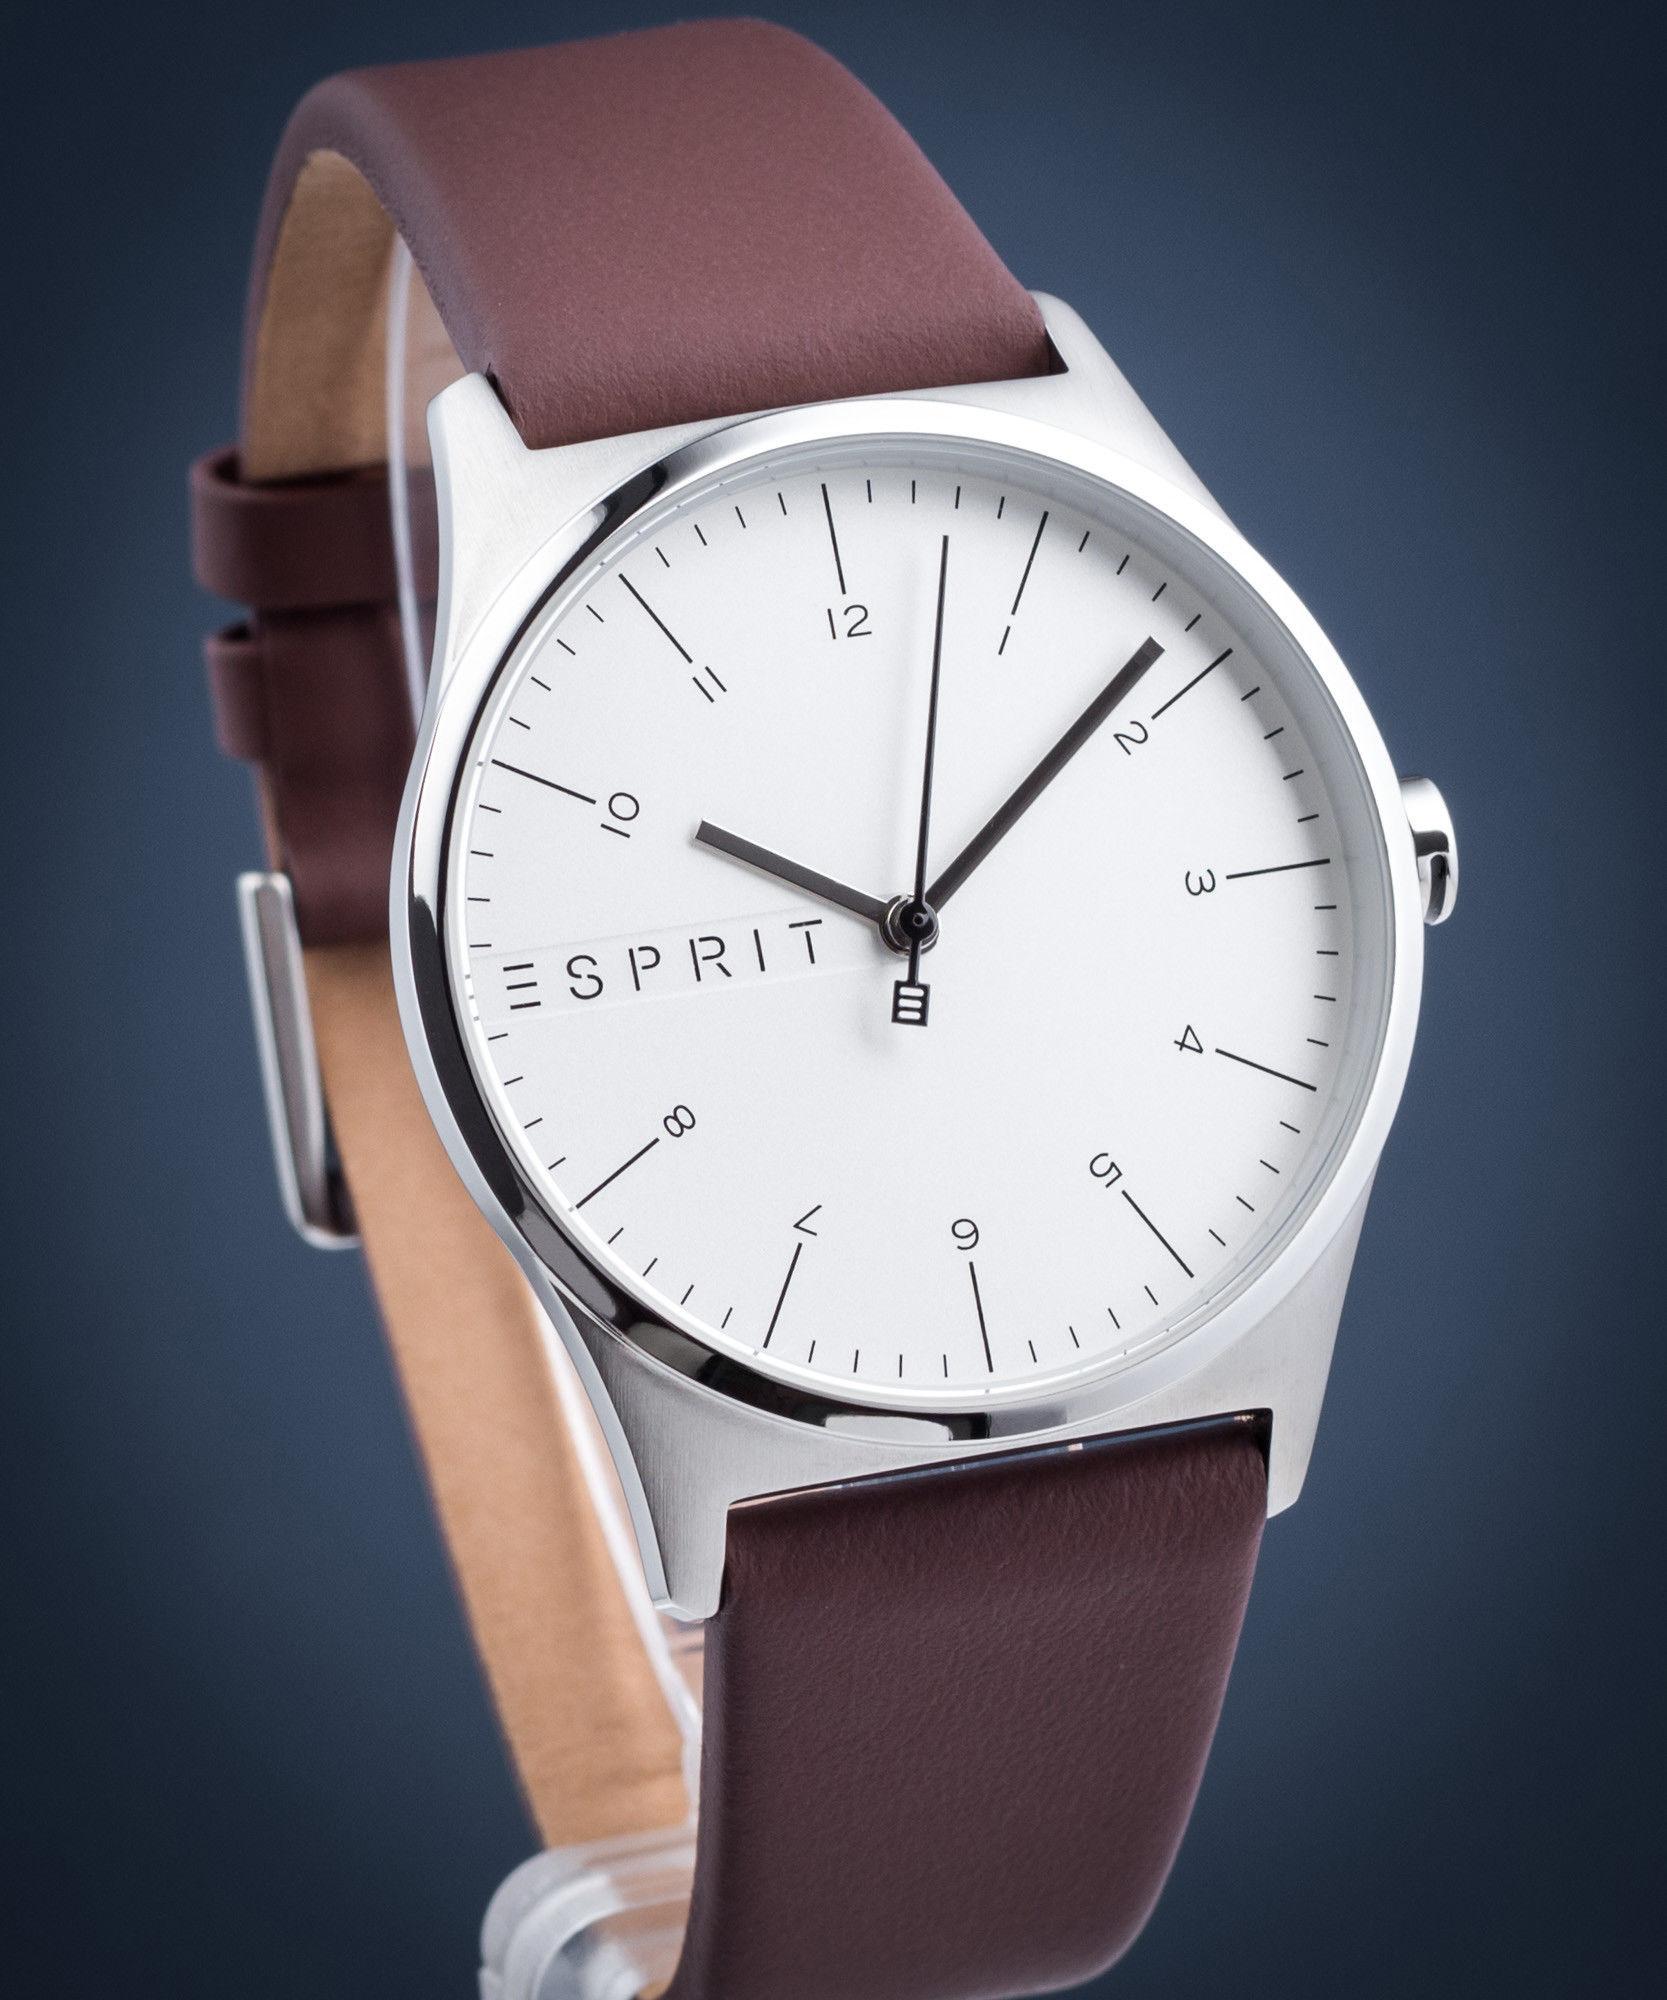 Zegarek Esprit ES1G034L0015 - CENA DO NEGOCJACJI - DOSTAWA DHL GRATIS, KUPUJ BEZ RYZYKA - 100 dni na zwrot, możliwość wygrawerowania dowolnego tekstu.